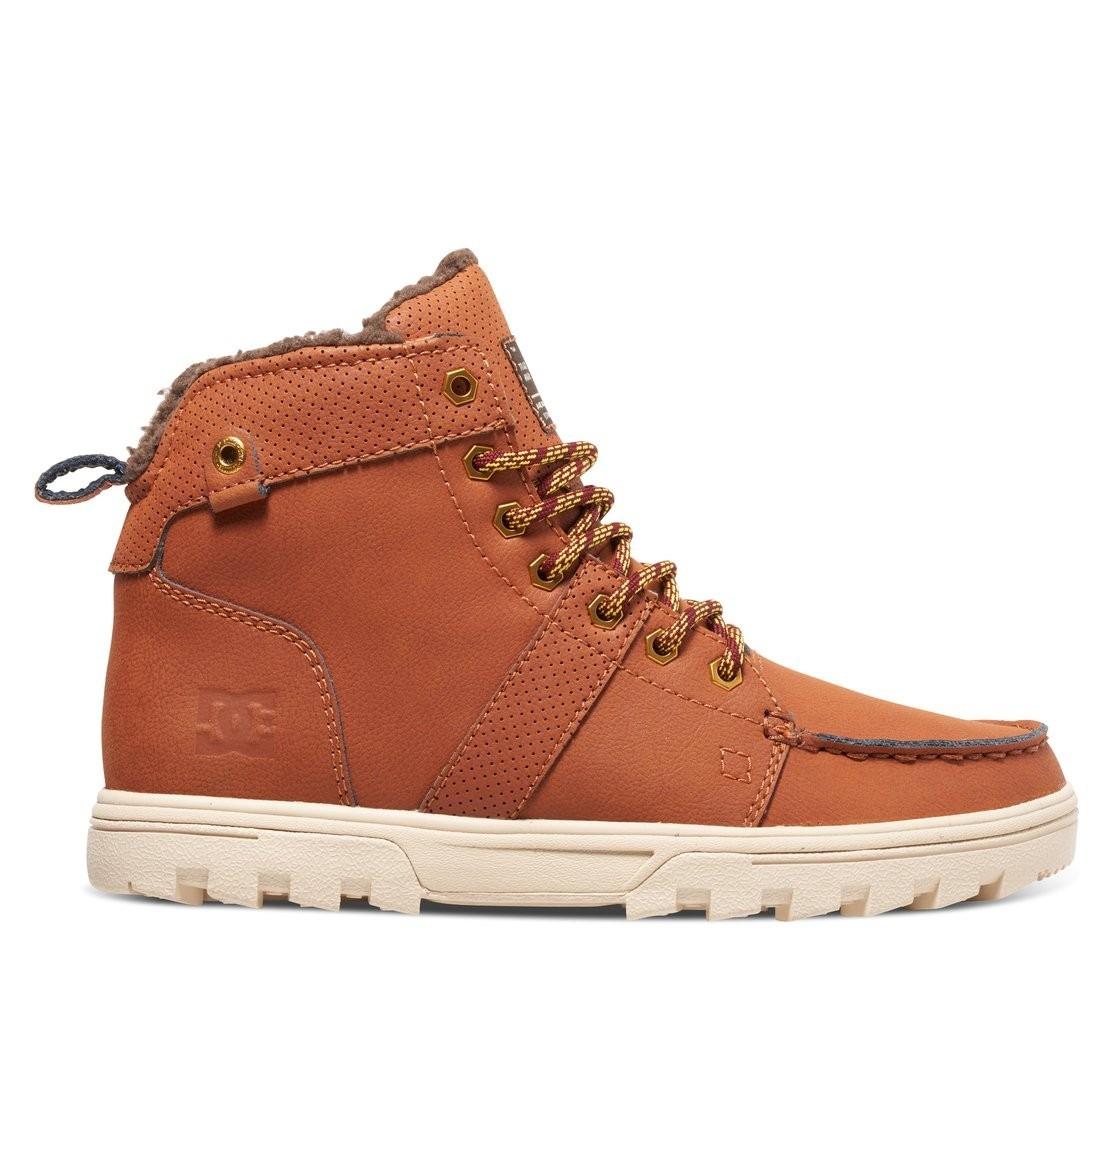 el más nuevo d3b7e d3910 Botas Dc Shoes Woodland Winter Hombre Originales